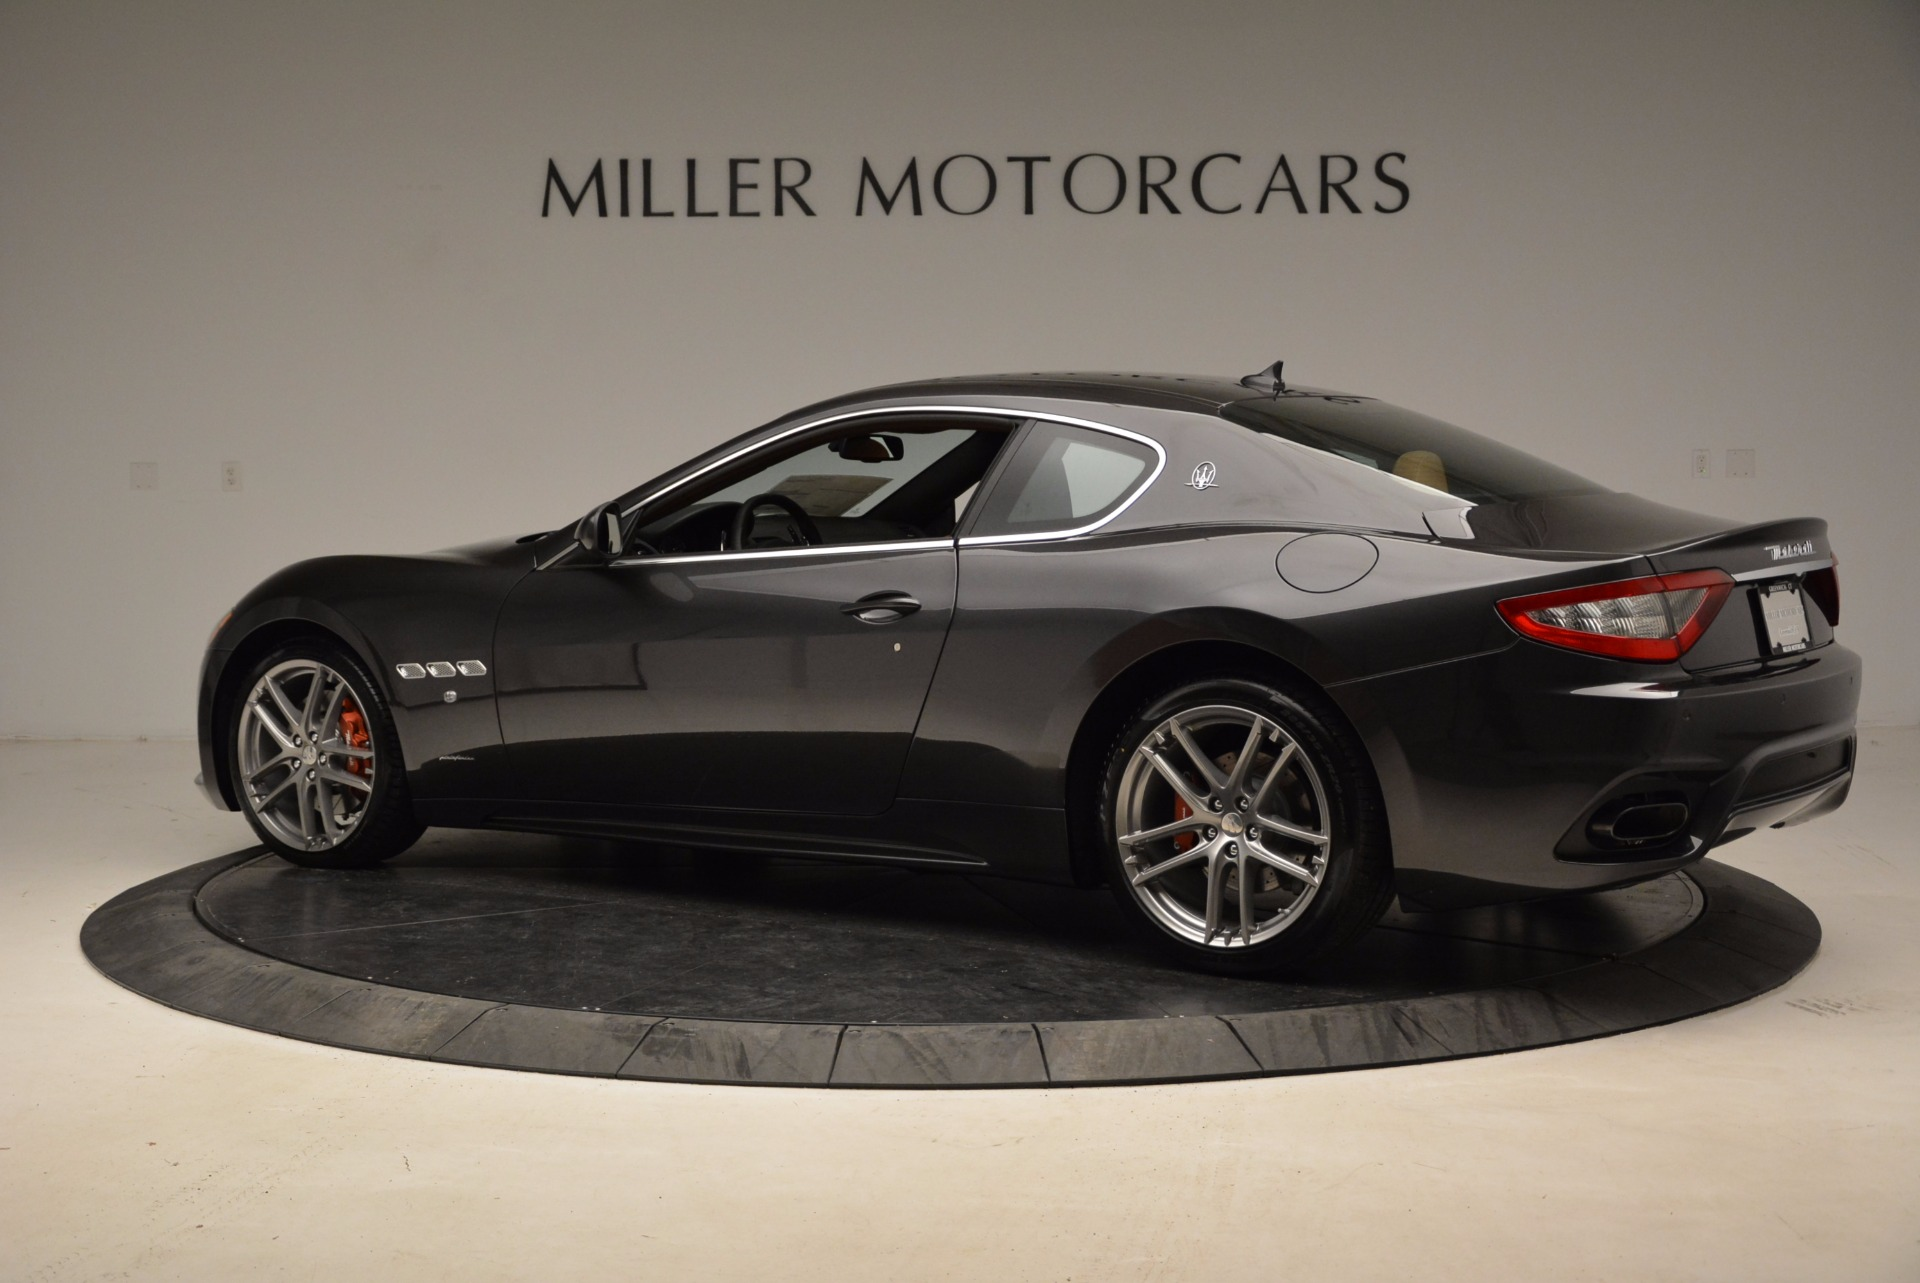 New 2018 Maserati GranTurismo Sport Coupe For Sale In Greenwich, CT 1771_p4